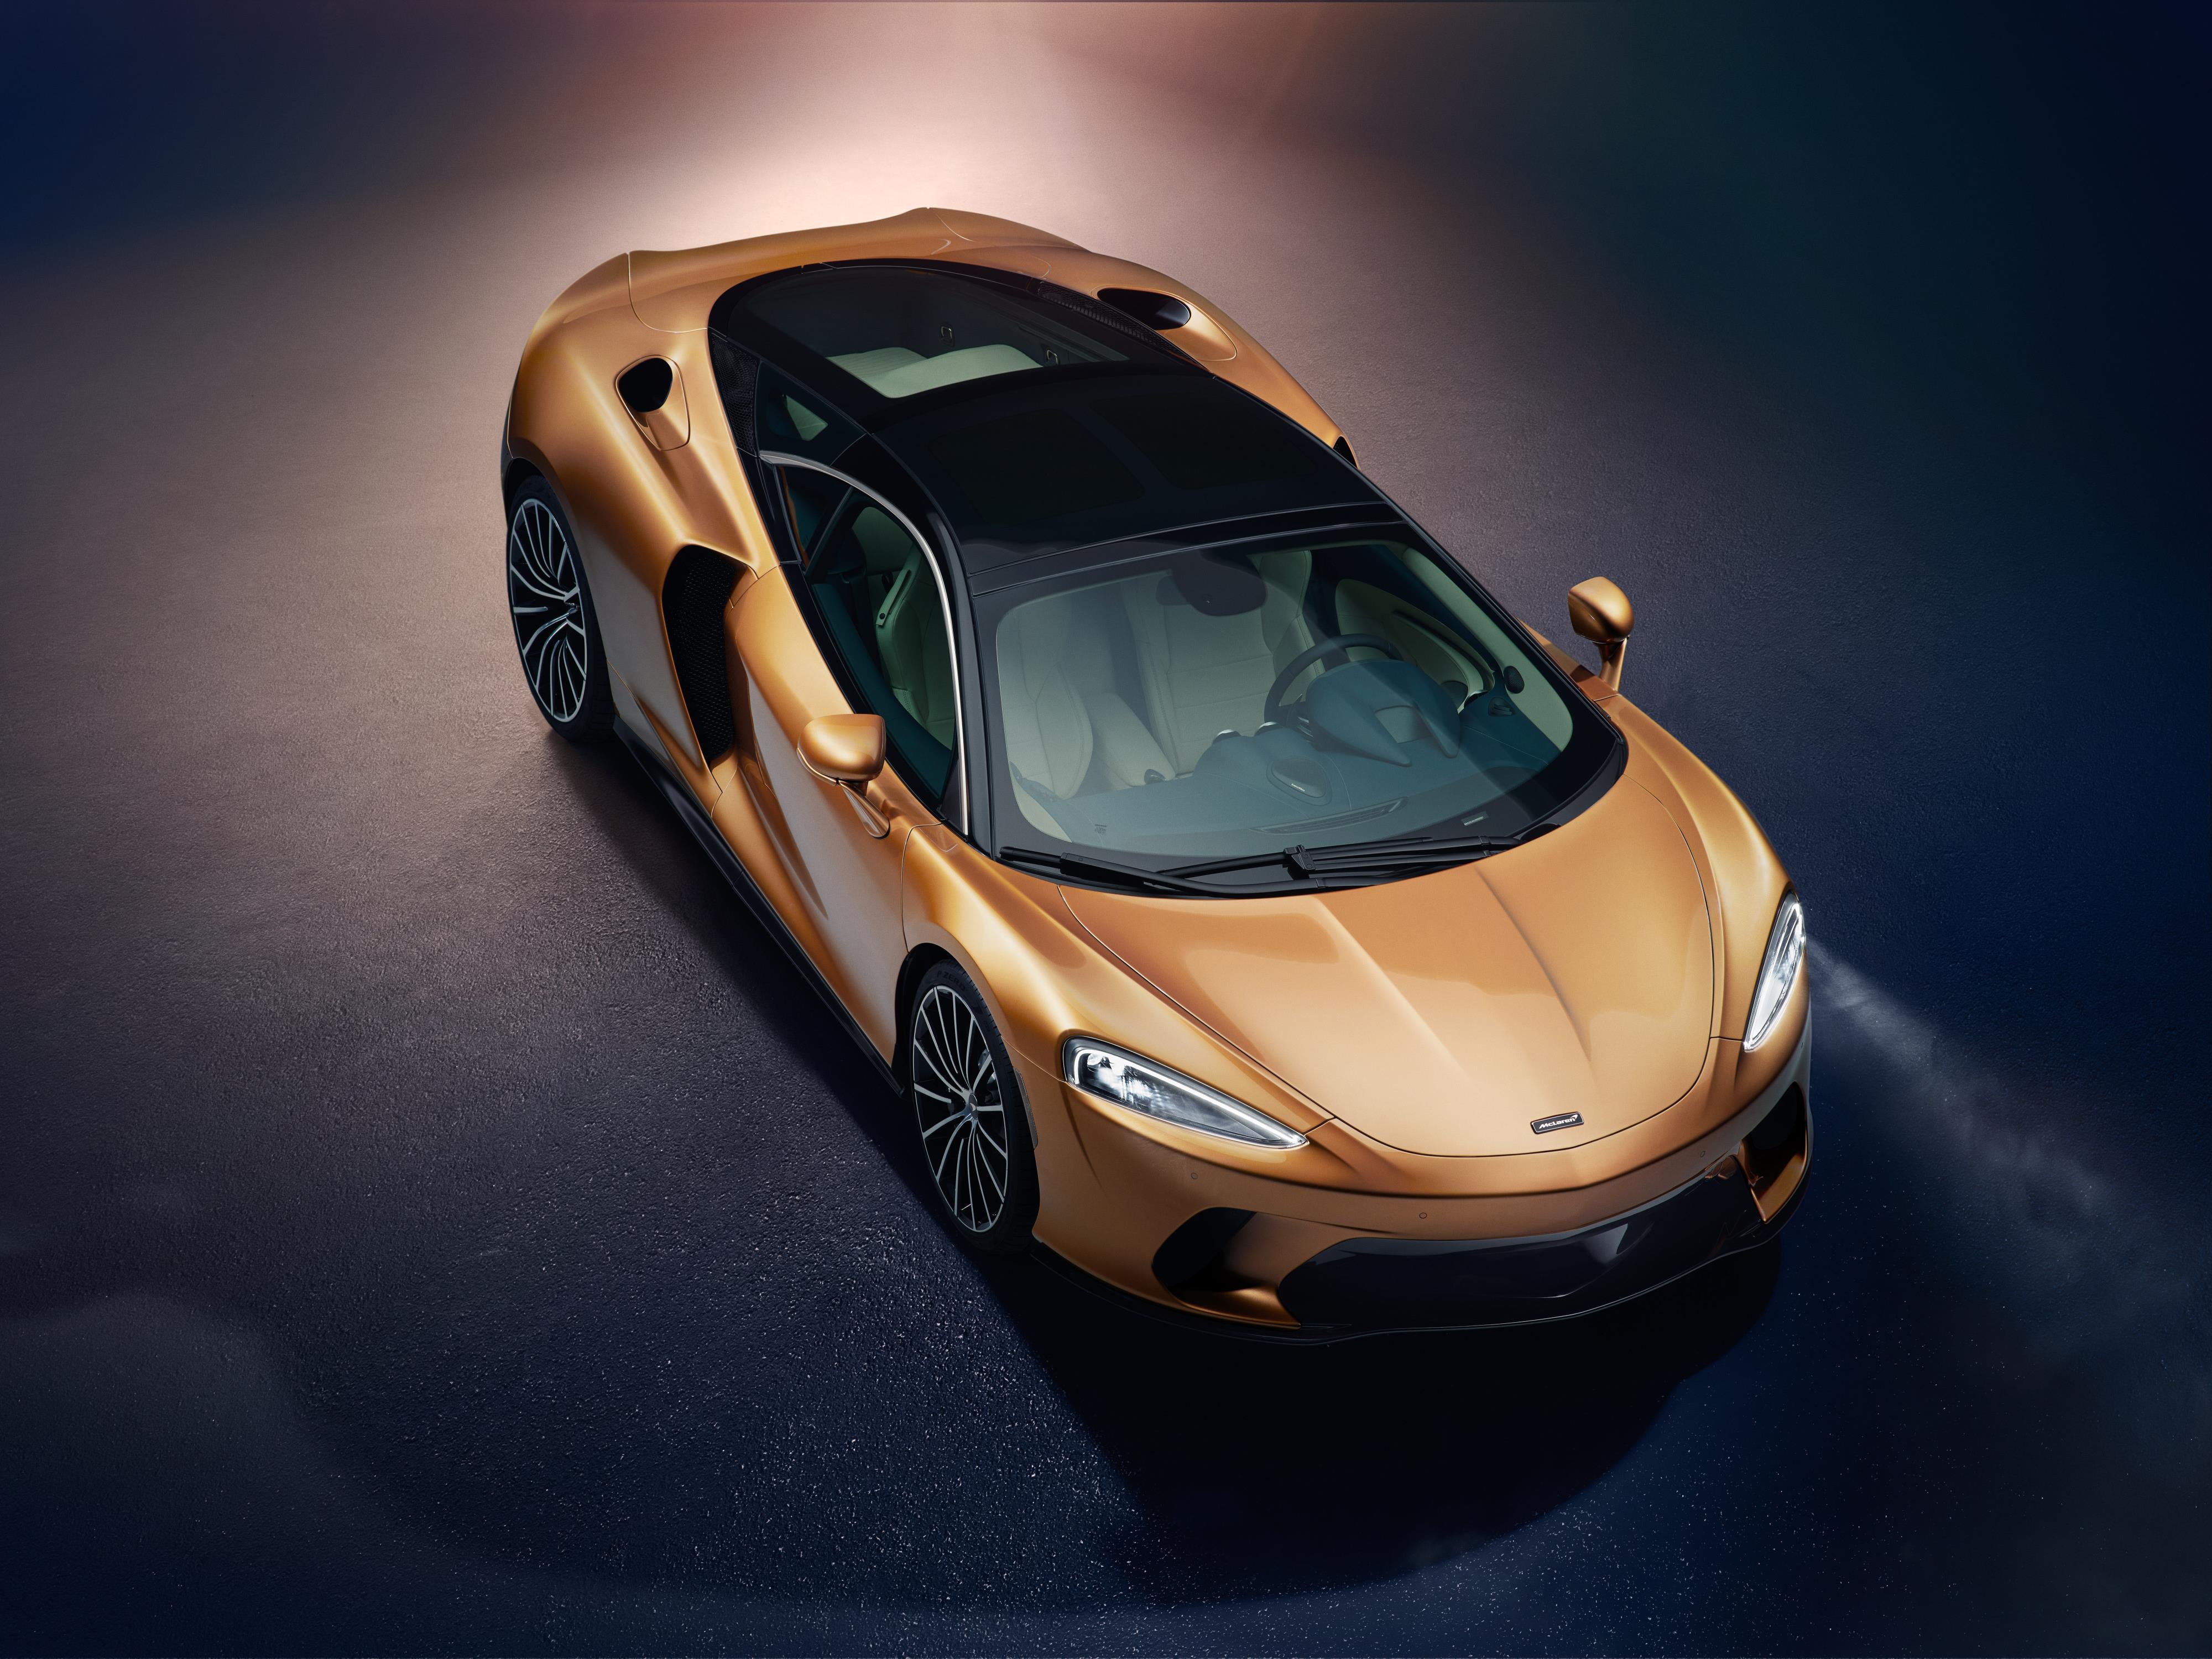 McLaren GT Front Top View